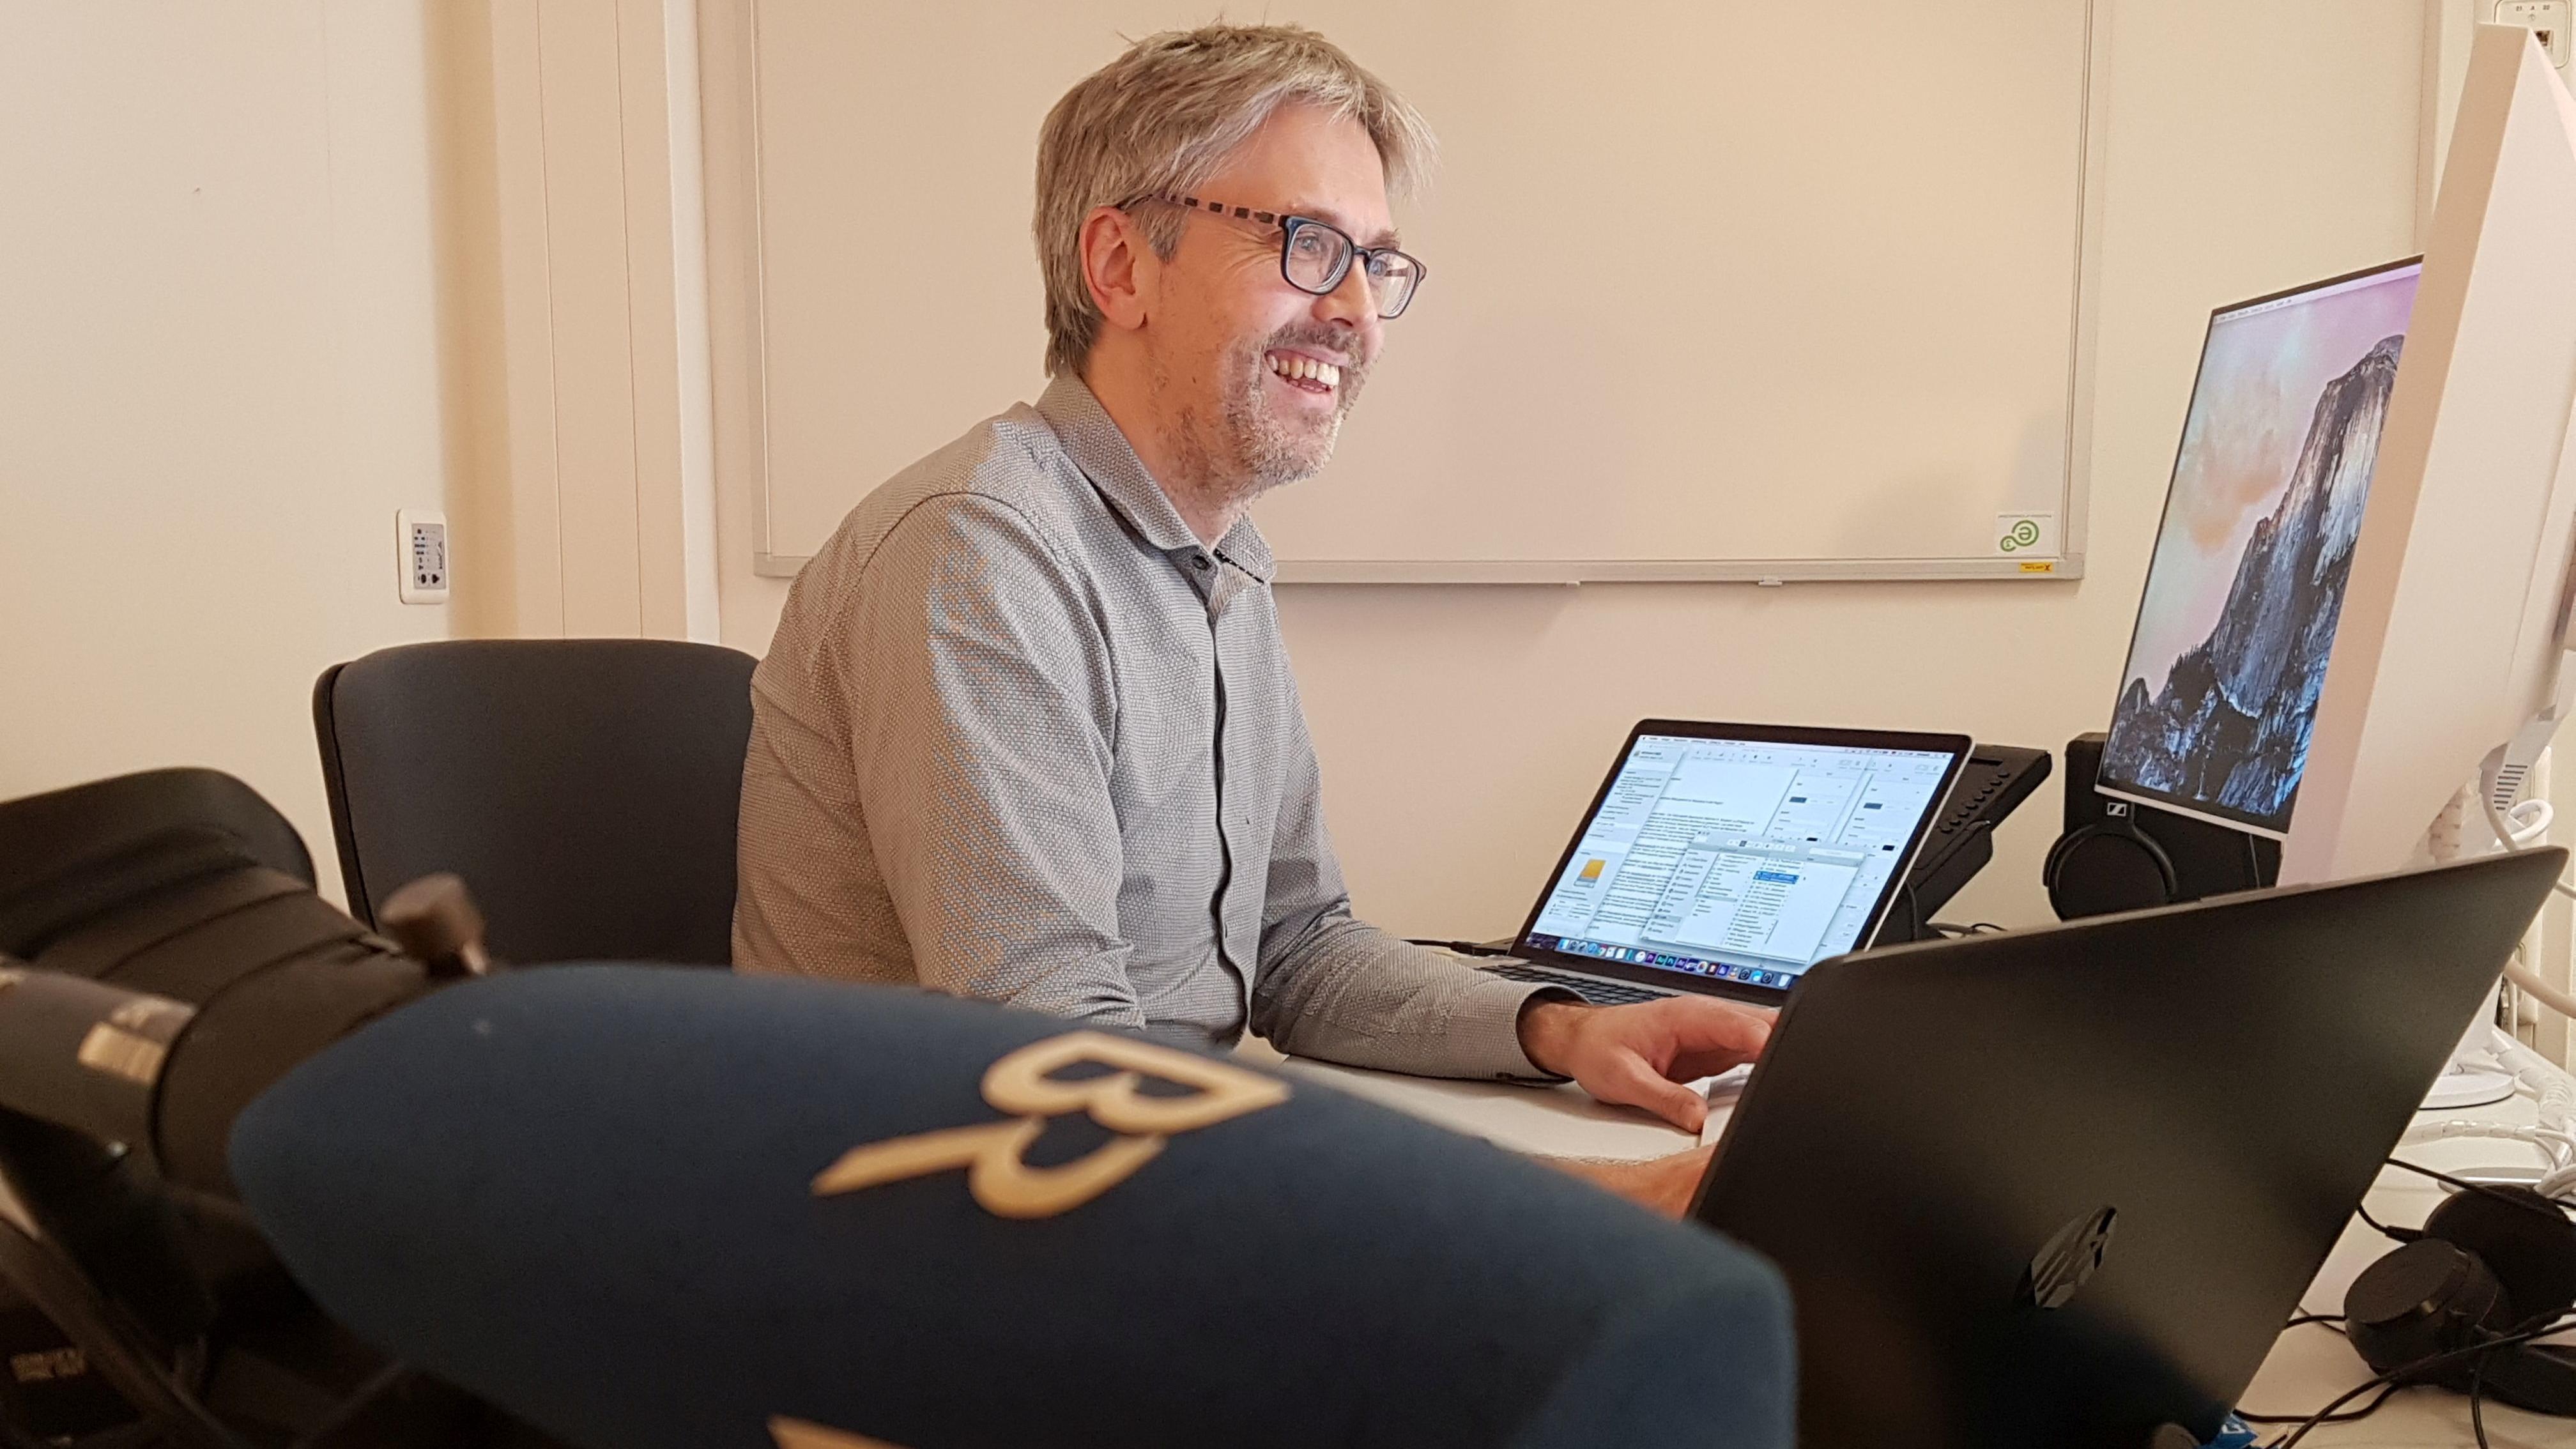 Der Korrespondent Christian Riedl an seinem neuen Arbeitsplatz im Deggendorfer BR-Studio.